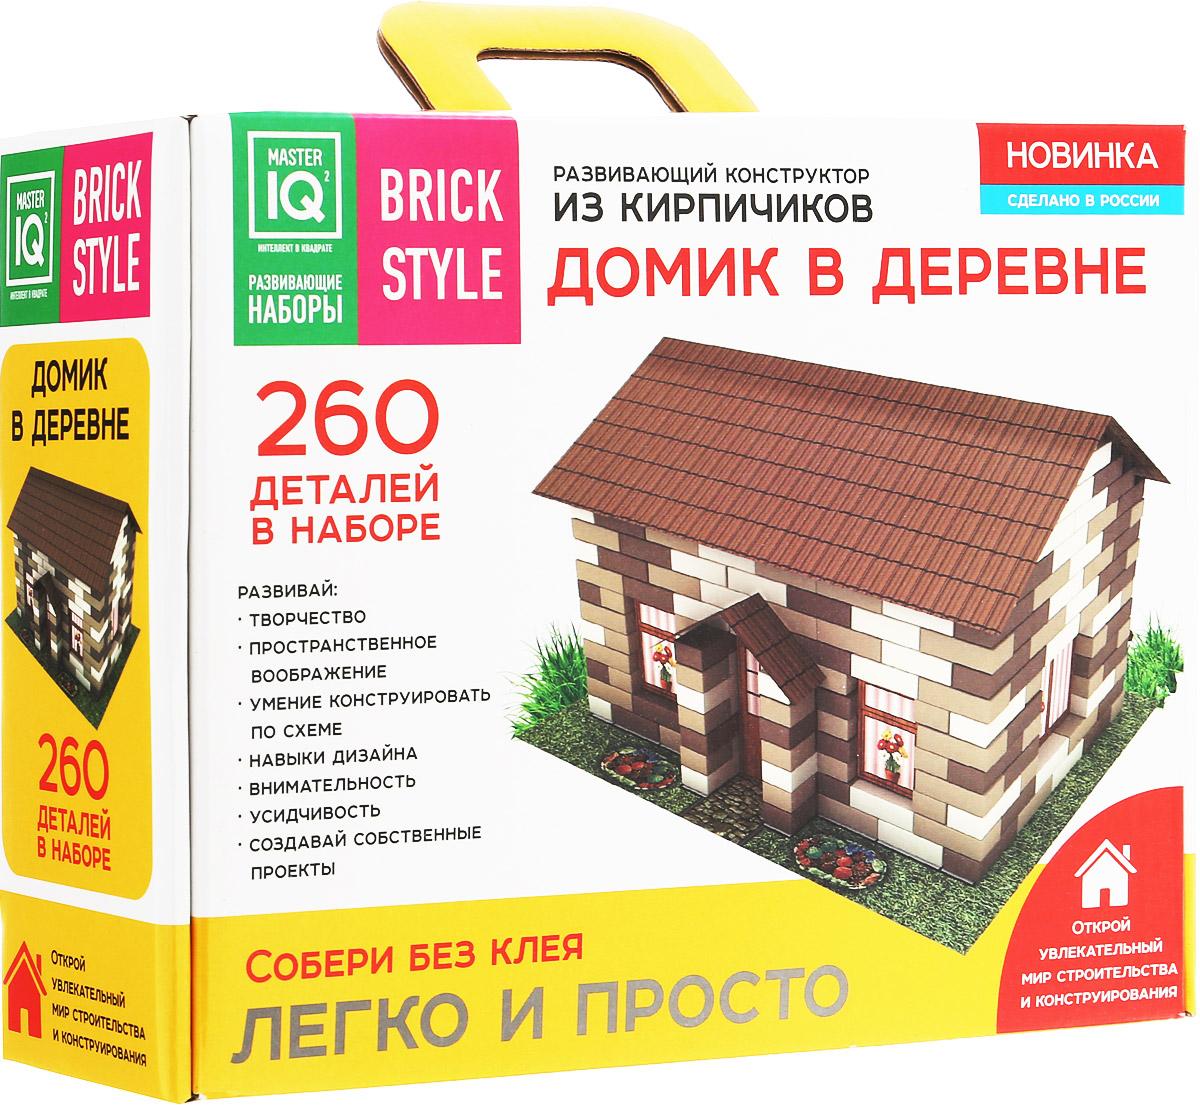 Каррас Конструктор Домик в деревне1301Кирпичики конструкторов Brick Style Домик в деревне совсем как настоящие, только очень легкие. Благодаря этому из них удобно строить модели зданий и сооружений самого разного размера - от маленького домика до громадного замка. Готовые конструкции будут иметь совсем небольшой вес, из без труда поднимает даже малыш. В подробной инструкции описаны все шаги по сборке выбранной модели. Проектируйте и создавайте свои собственные постройки - творчество и фантазия не ограничены! Конструктор позволяет развивать творчество, пространственное воображение, умение конструировать по схеме, навыки дизайна, внимательность, усидчивость. Открой для себя увлекательный мир строительства и конструирования.